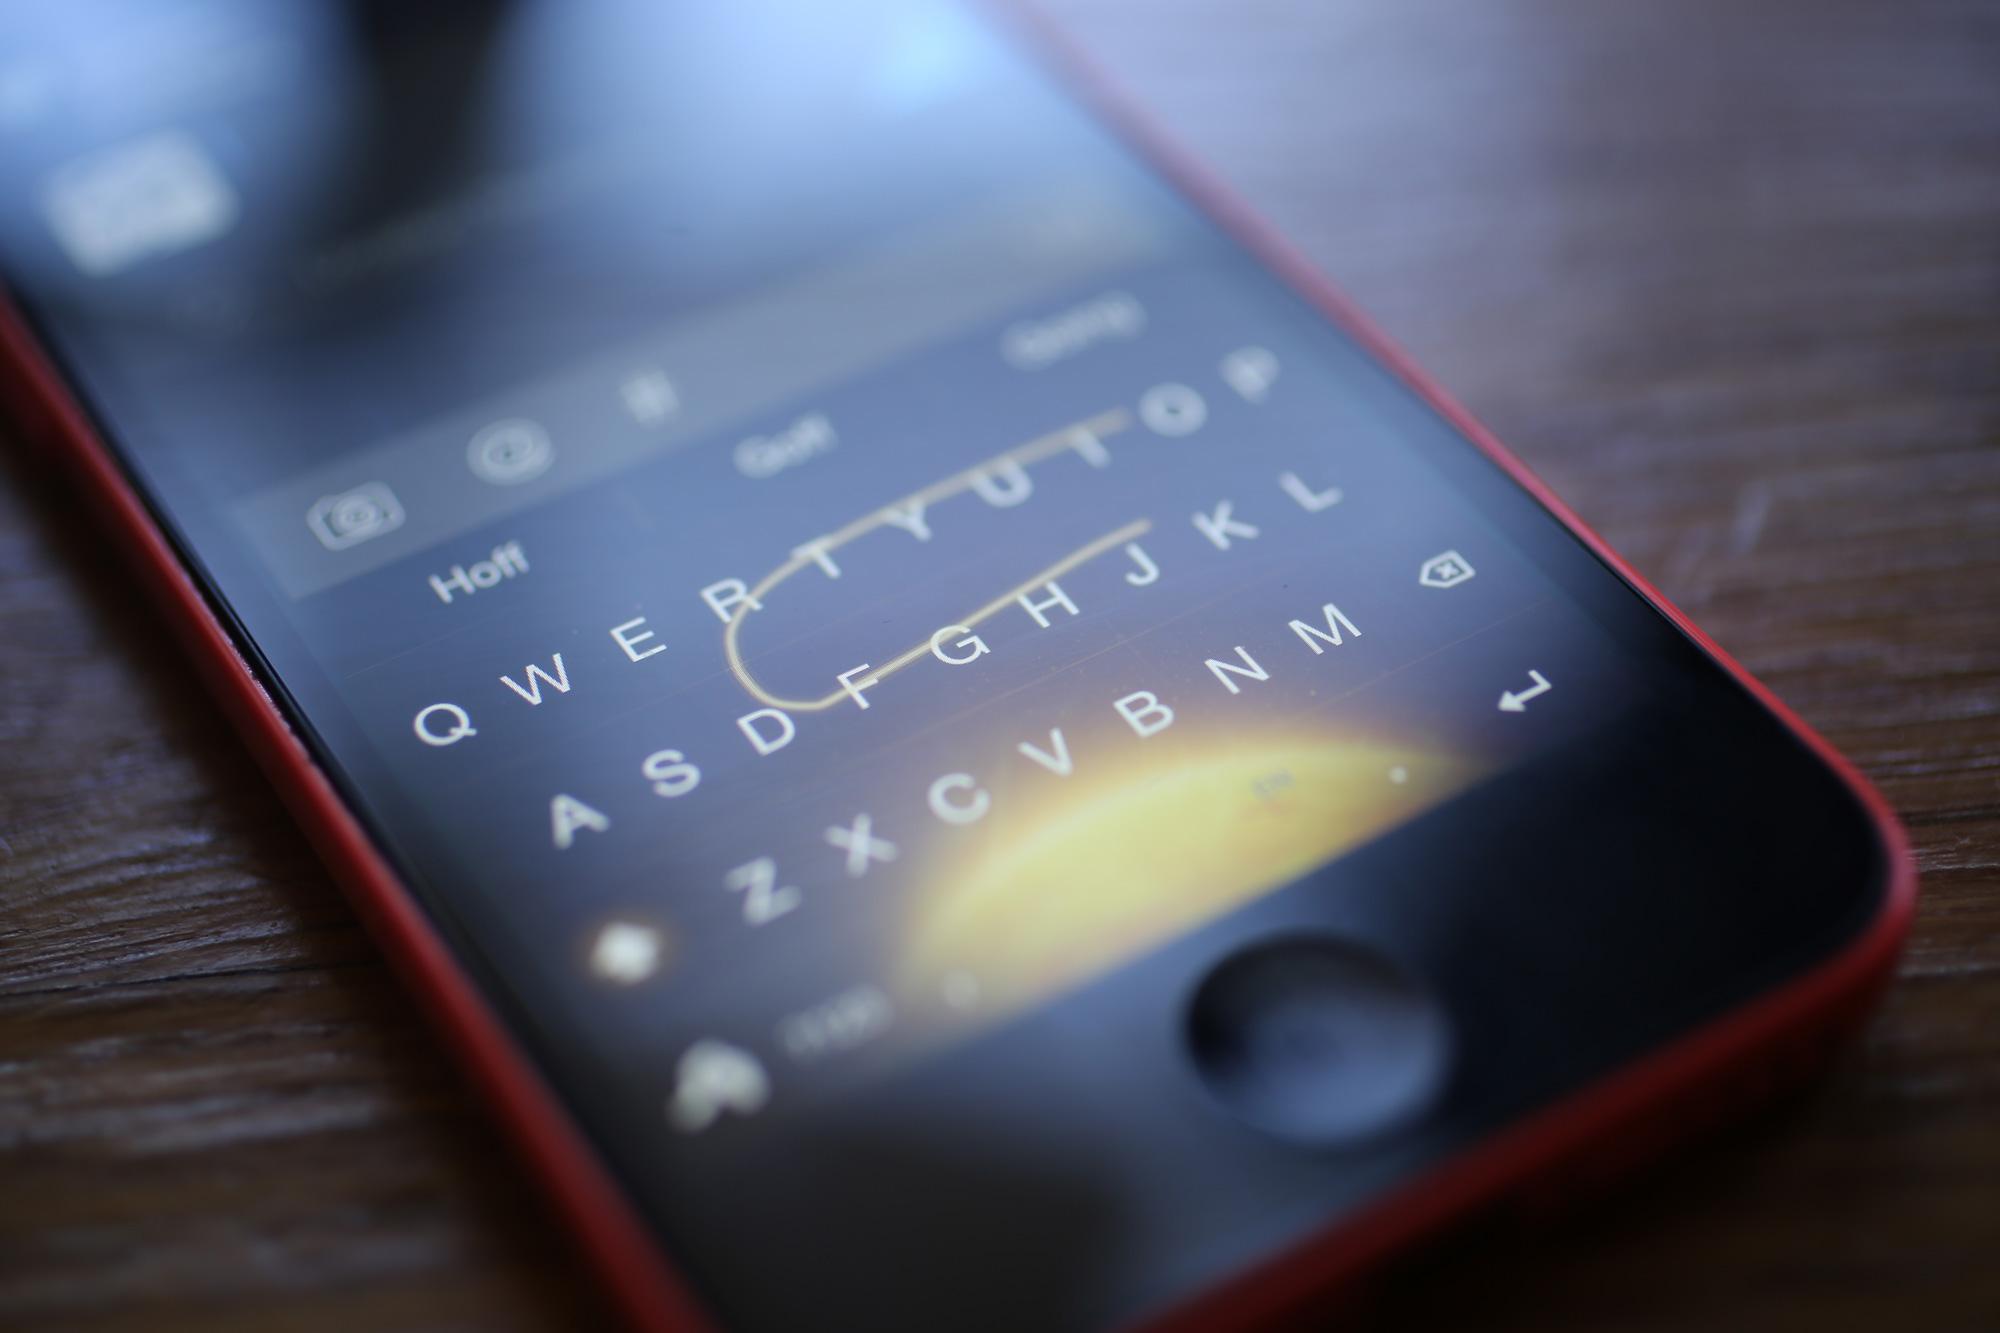 Сторонние клавиатуры для iOS 8